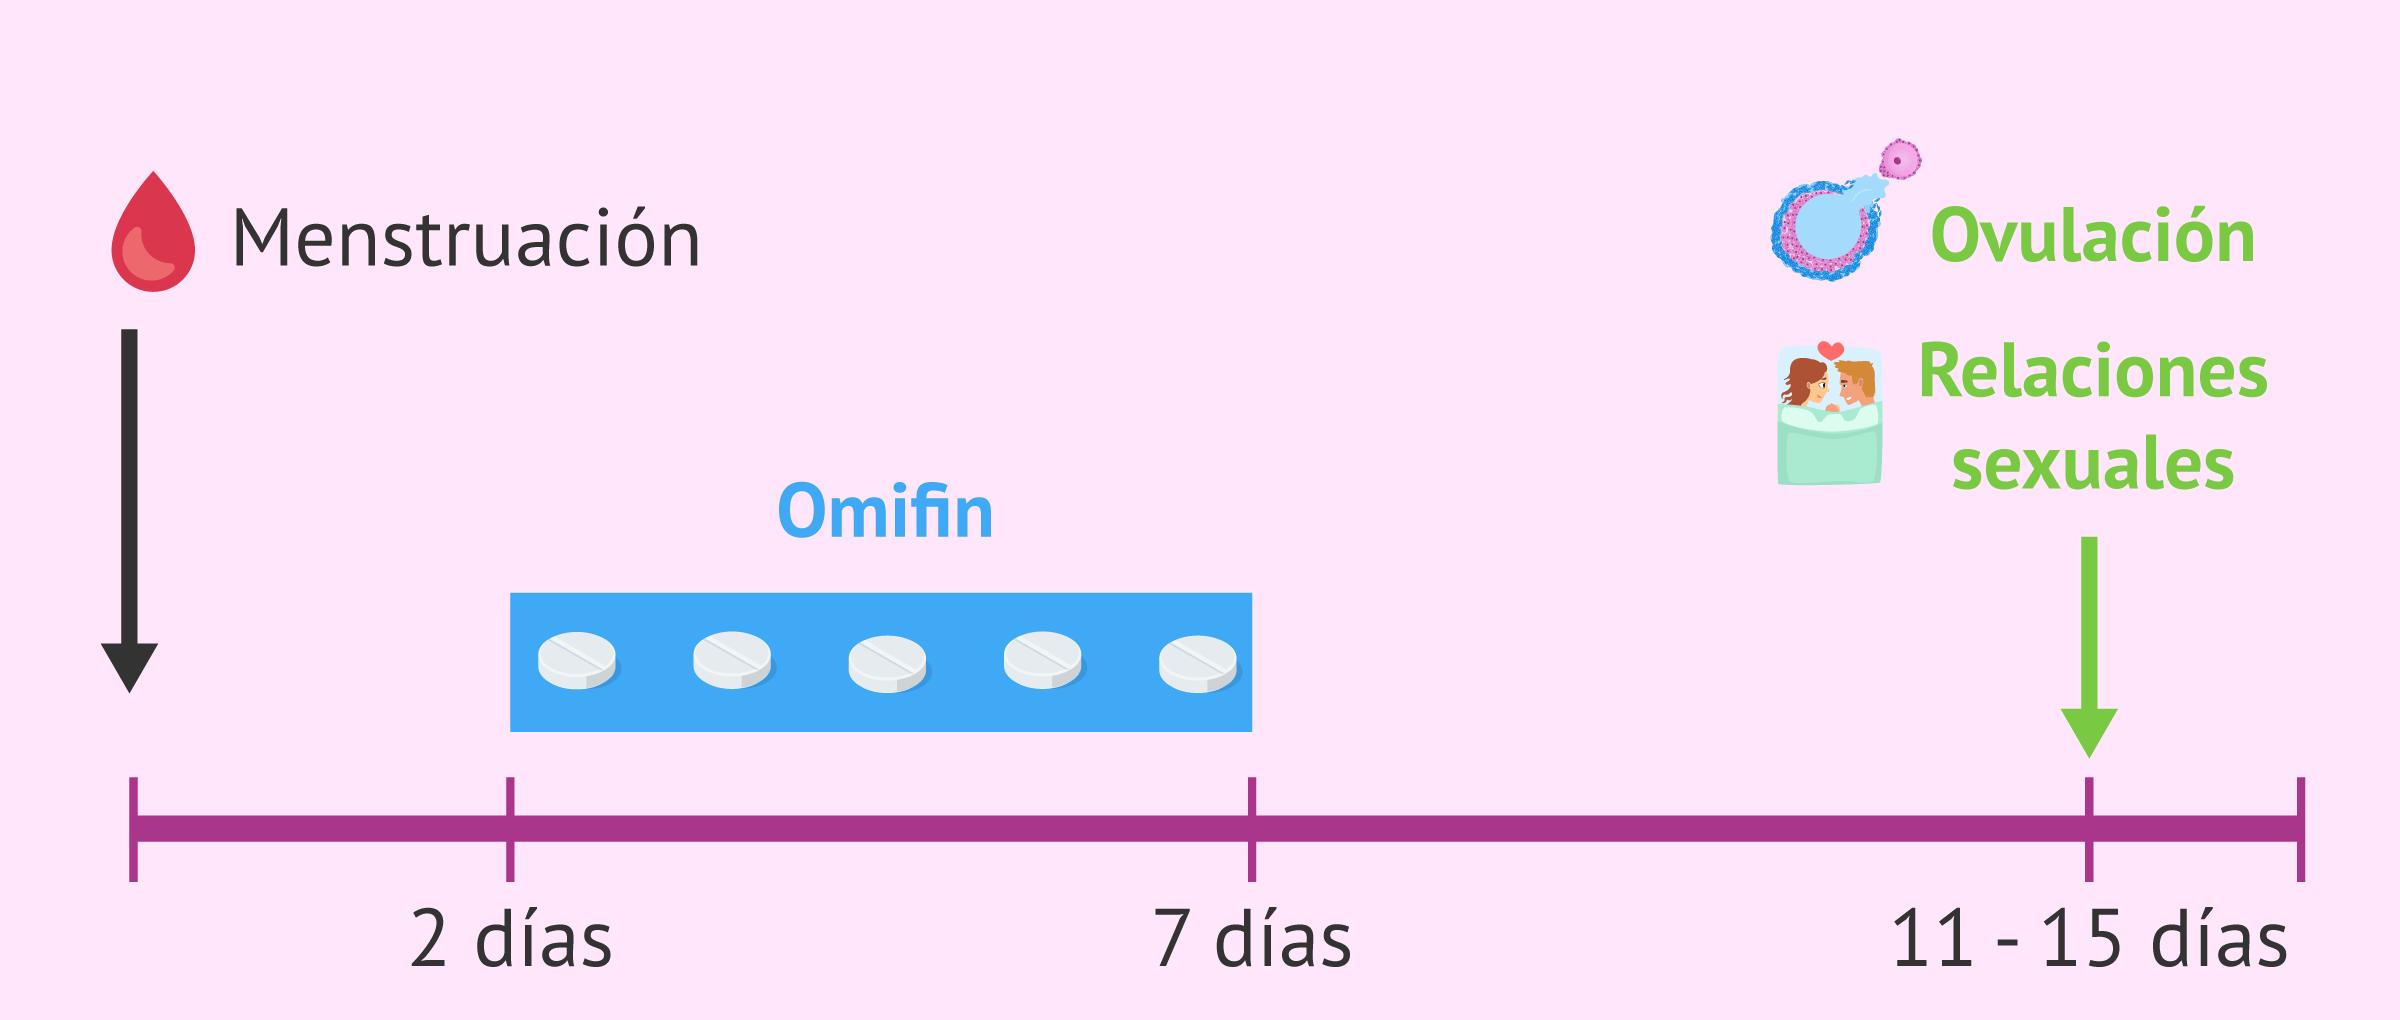 Relaciones sexuales programadas con Omifin